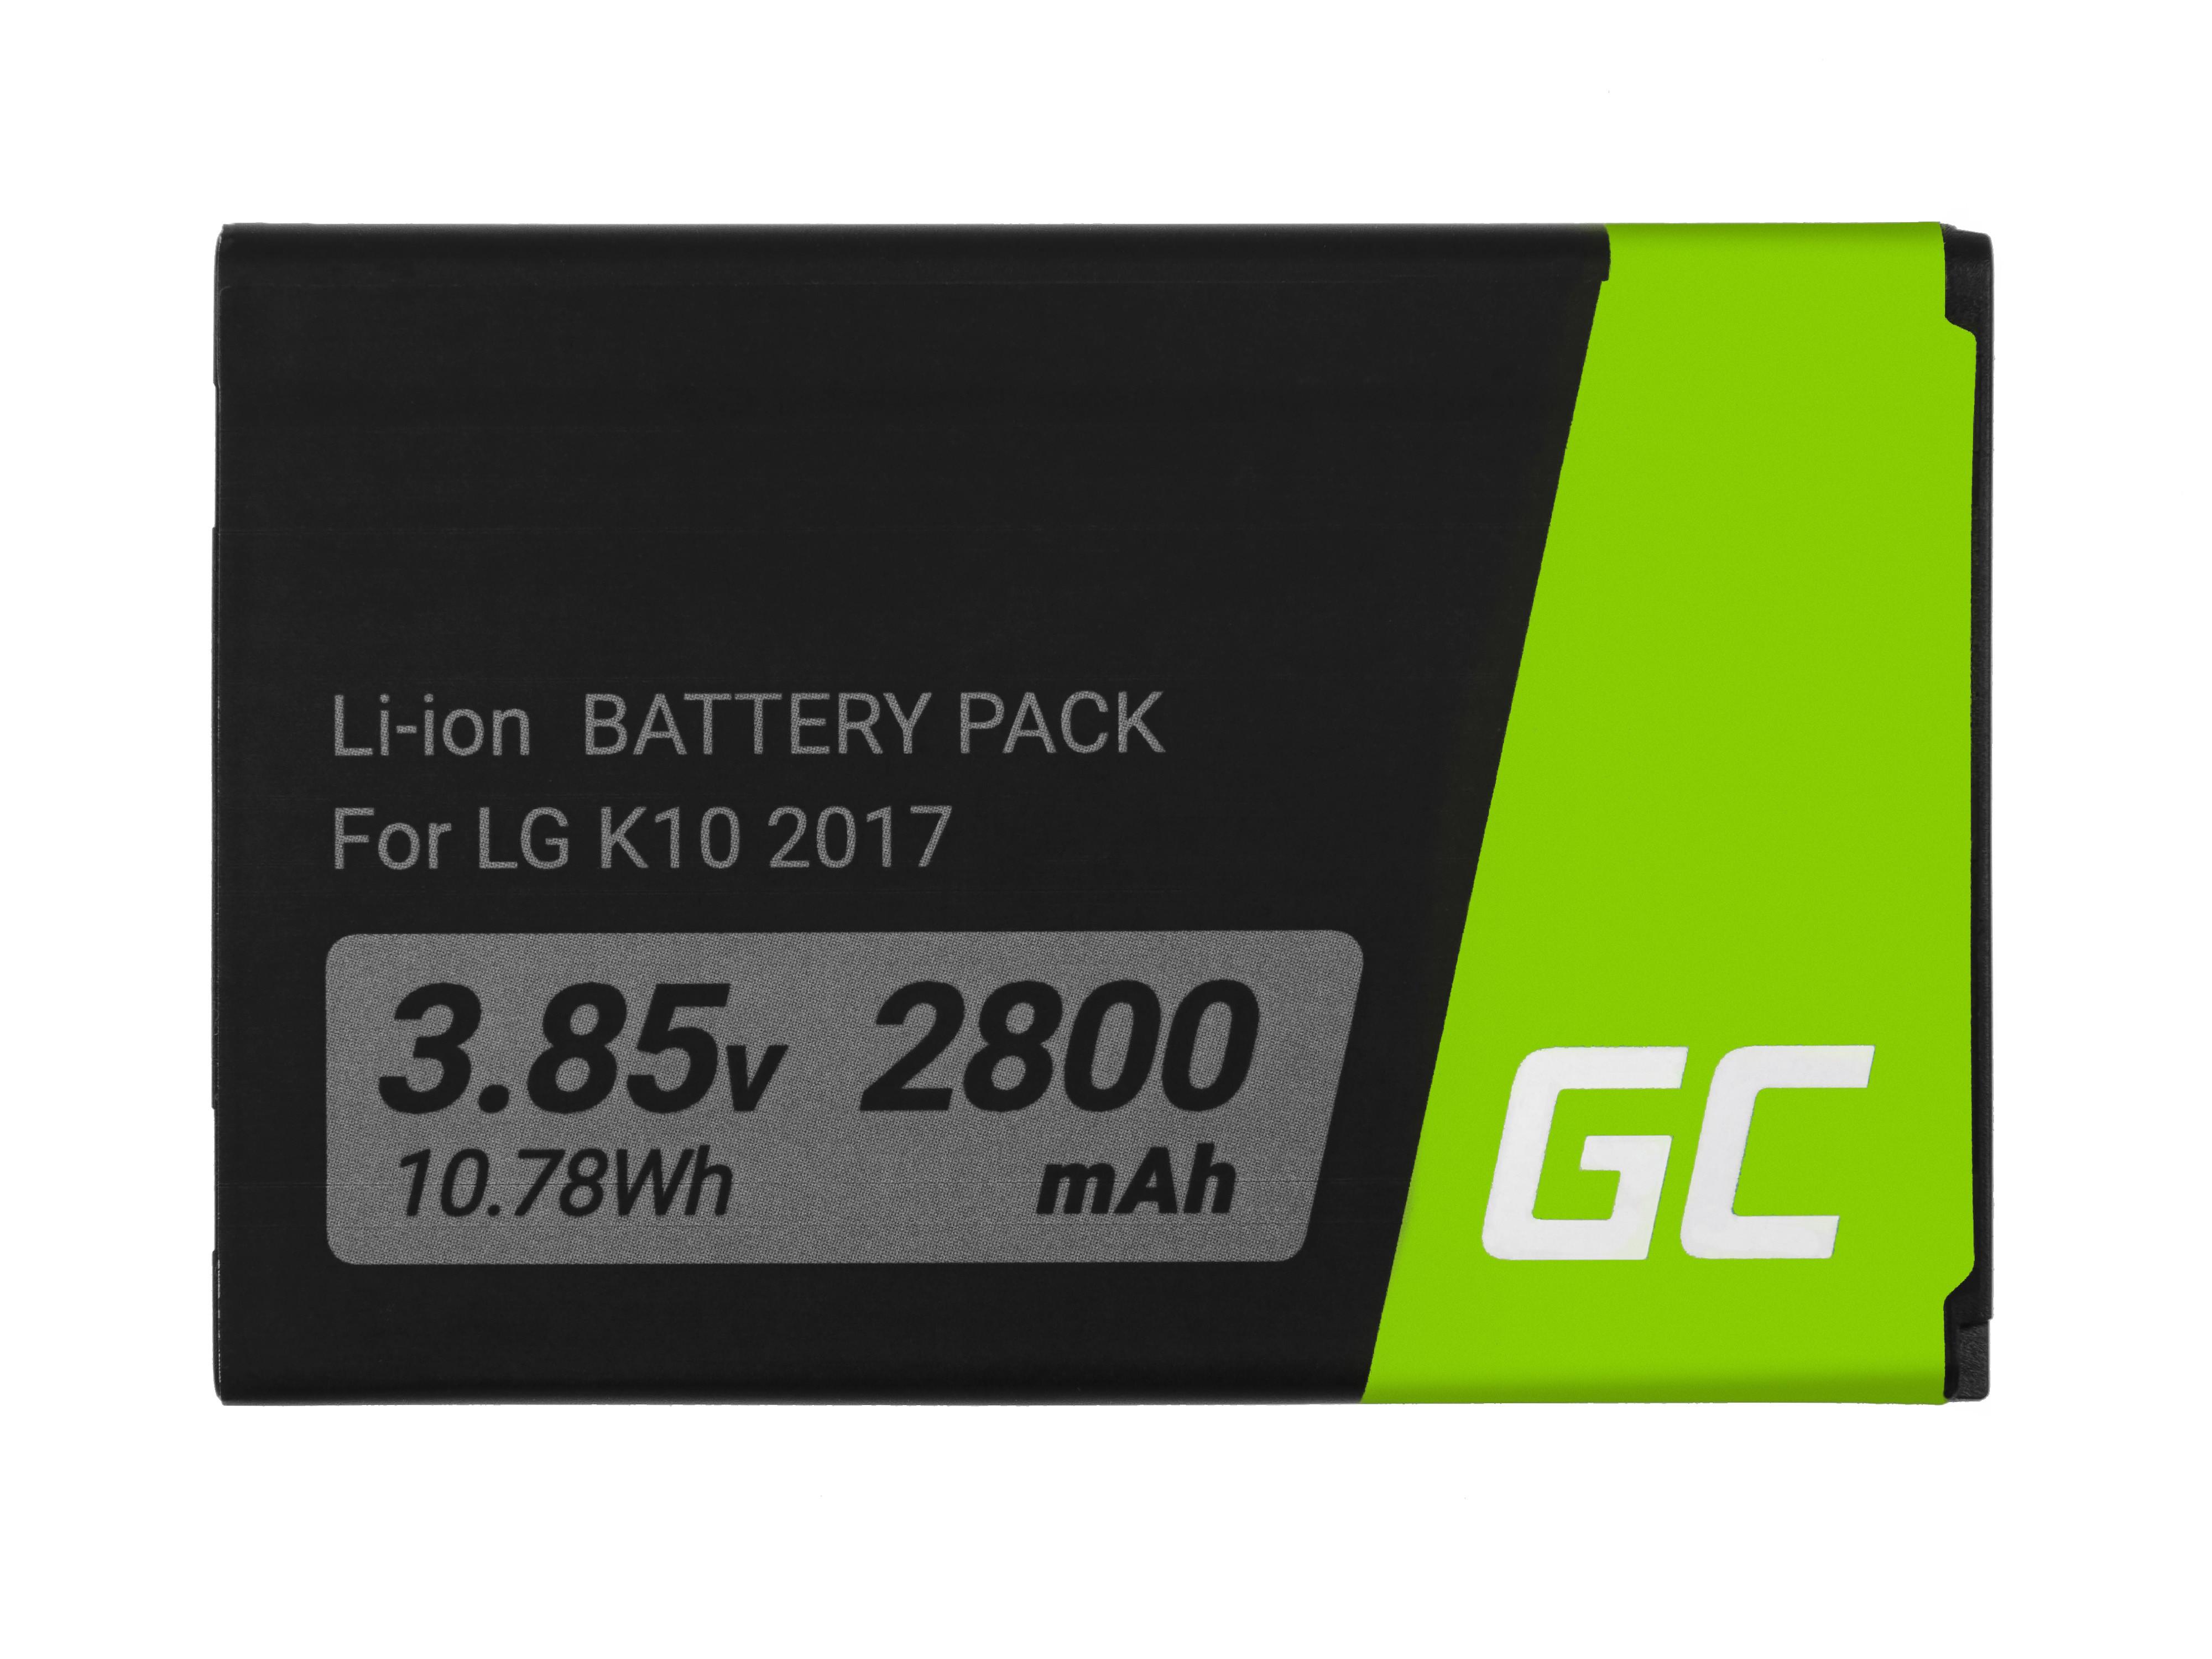 Batteri BL-46G1F för LG K10 2017